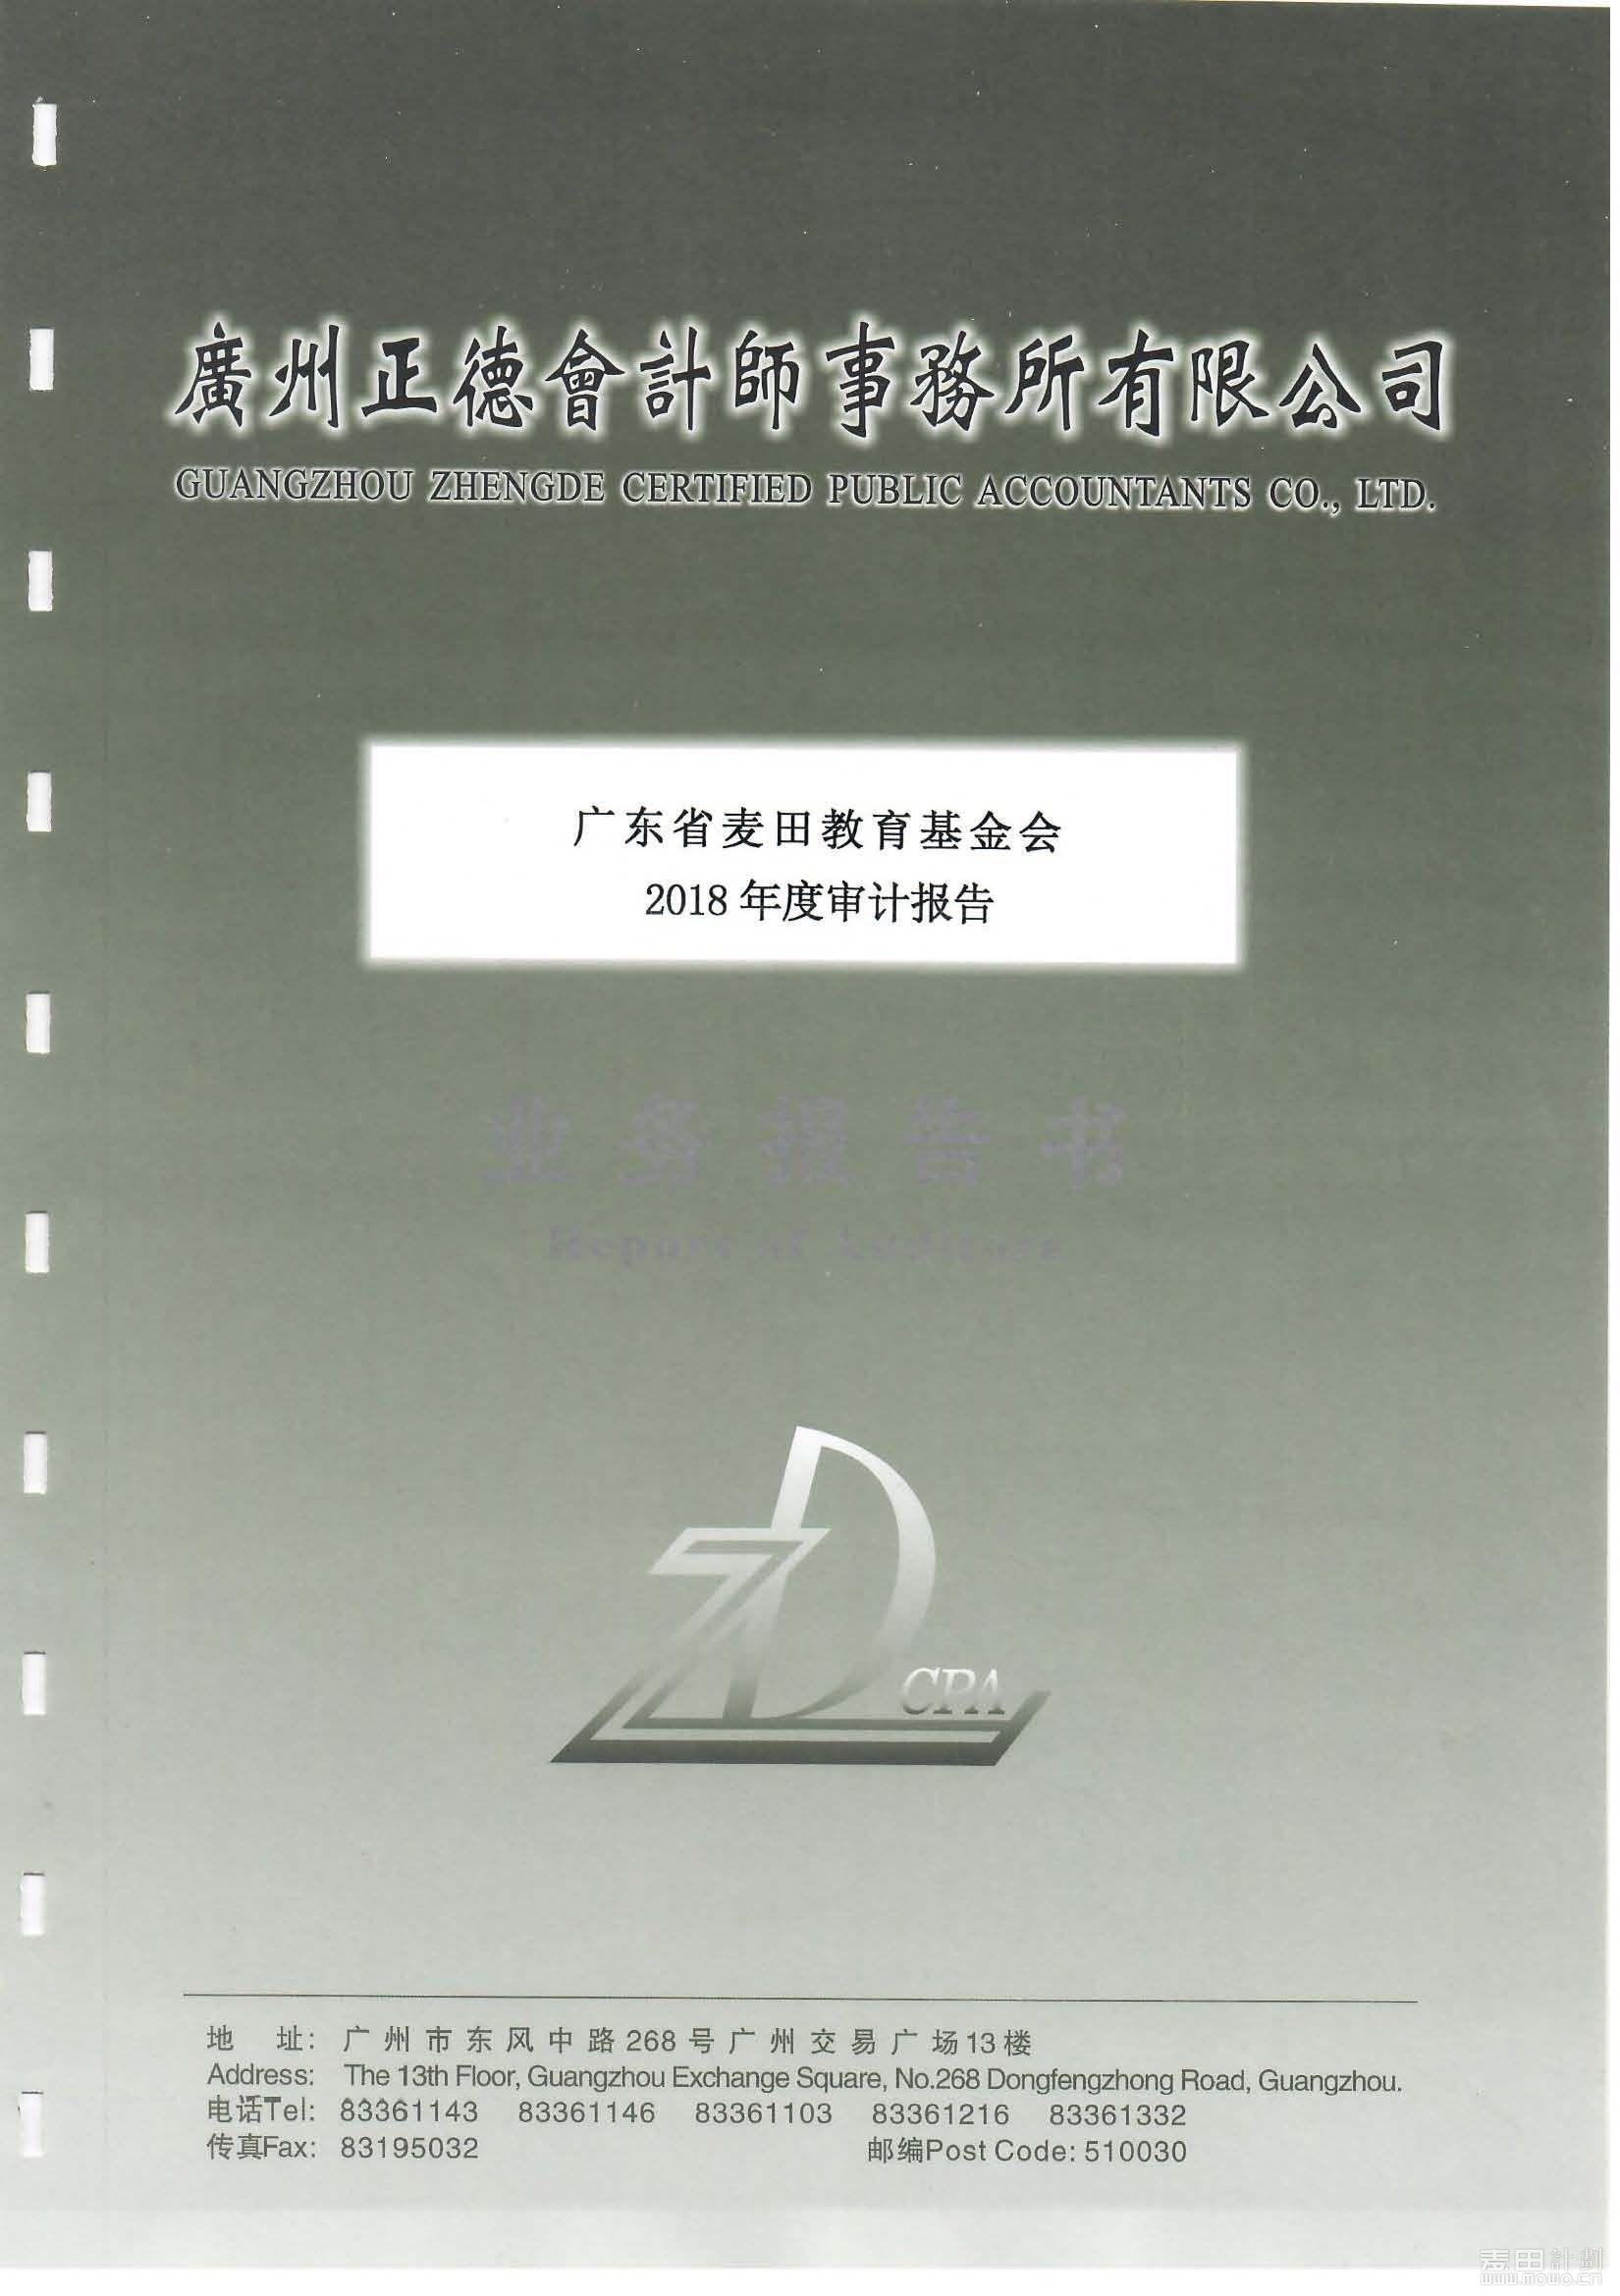 2018年麦田审计报告_页面_01.jpg